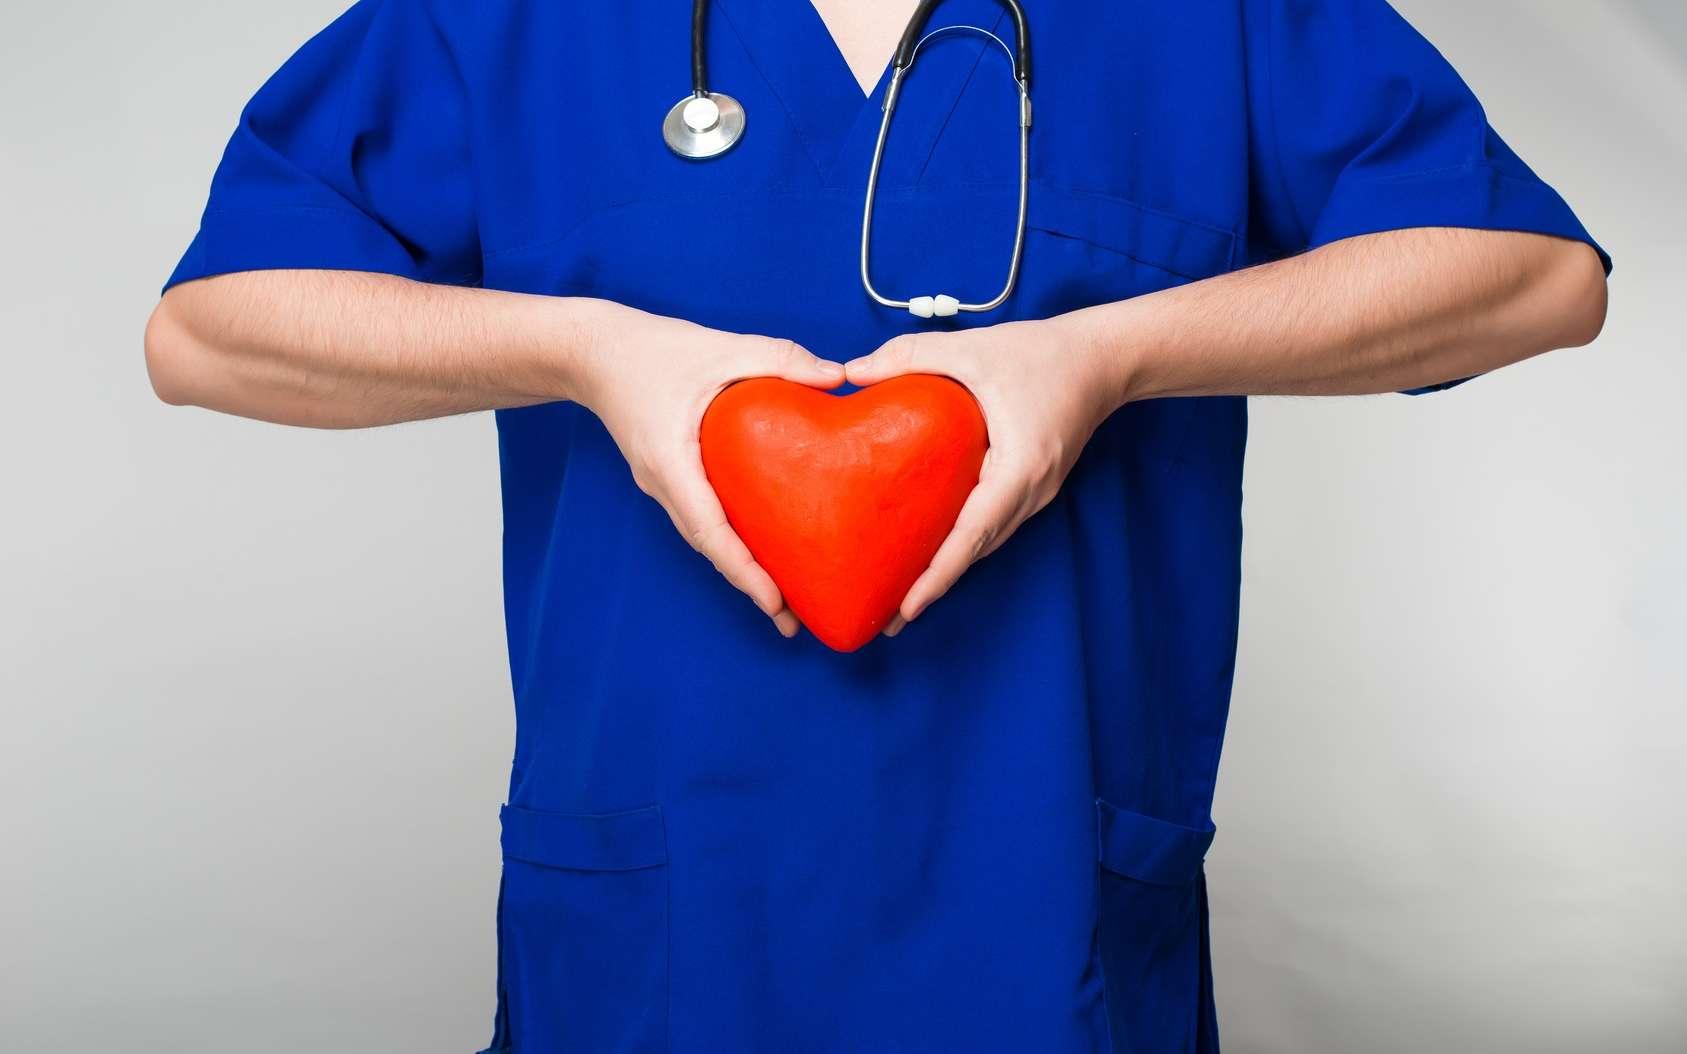 Dans cet essai clinique, le Repatha a réduit le risque d'infarctus de 27 %. © kostyha, Fotolia